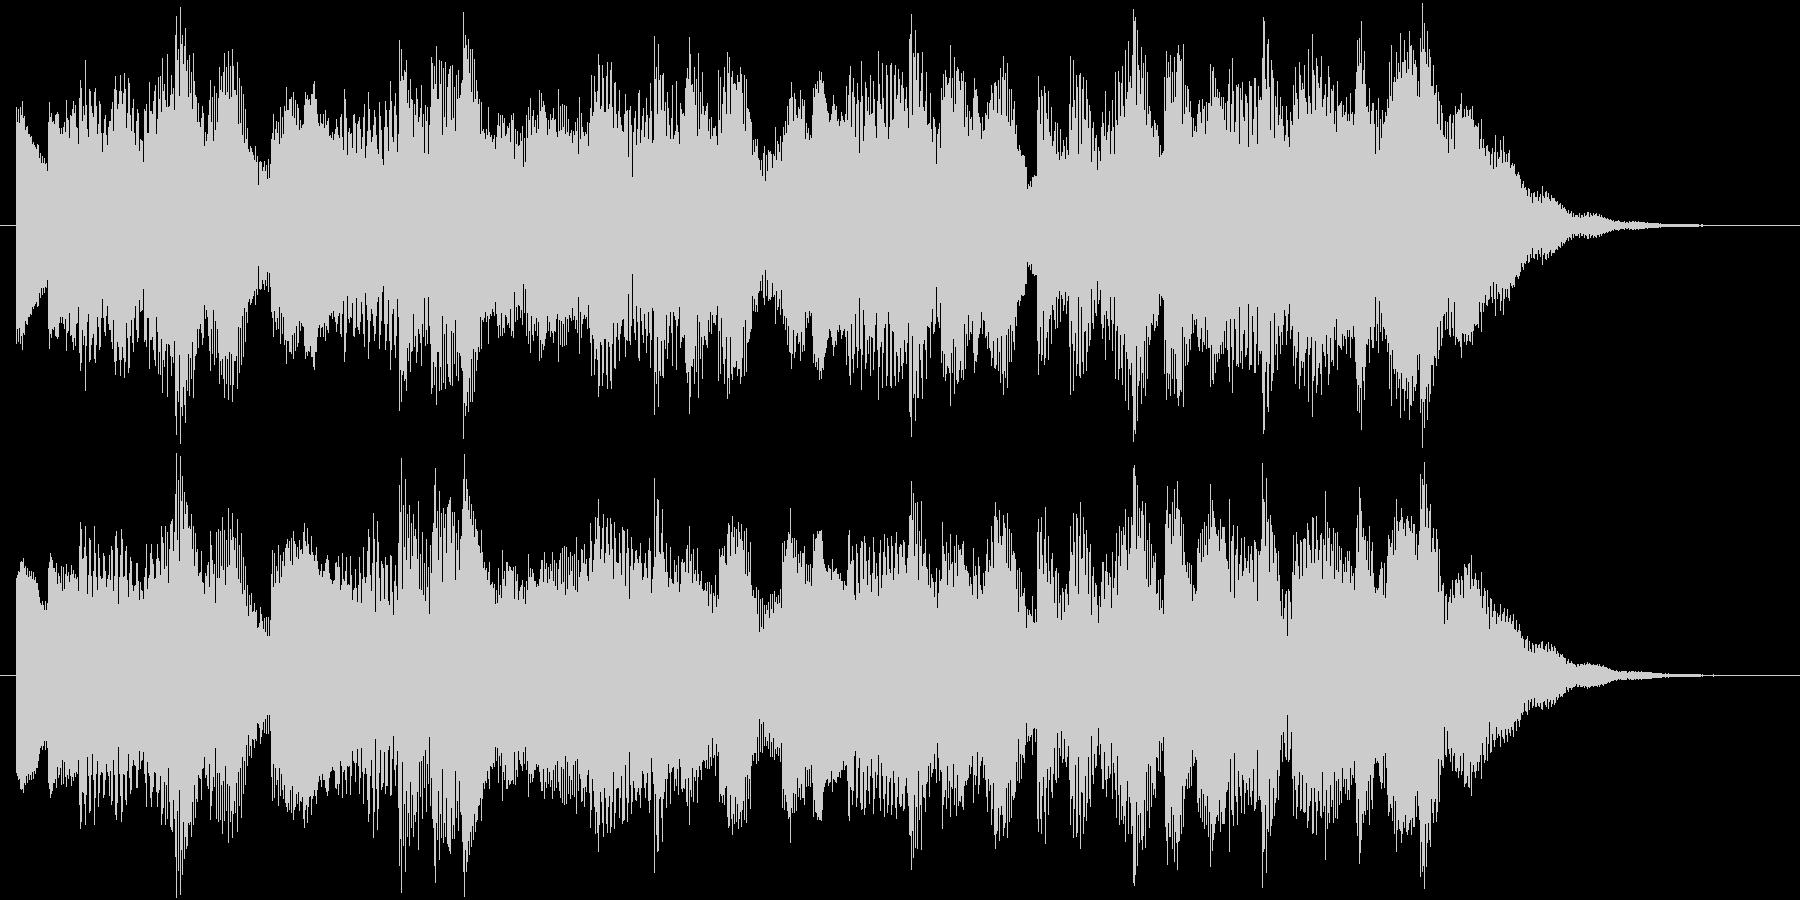 電車の発車メロディー風ジングルの未再生の波形